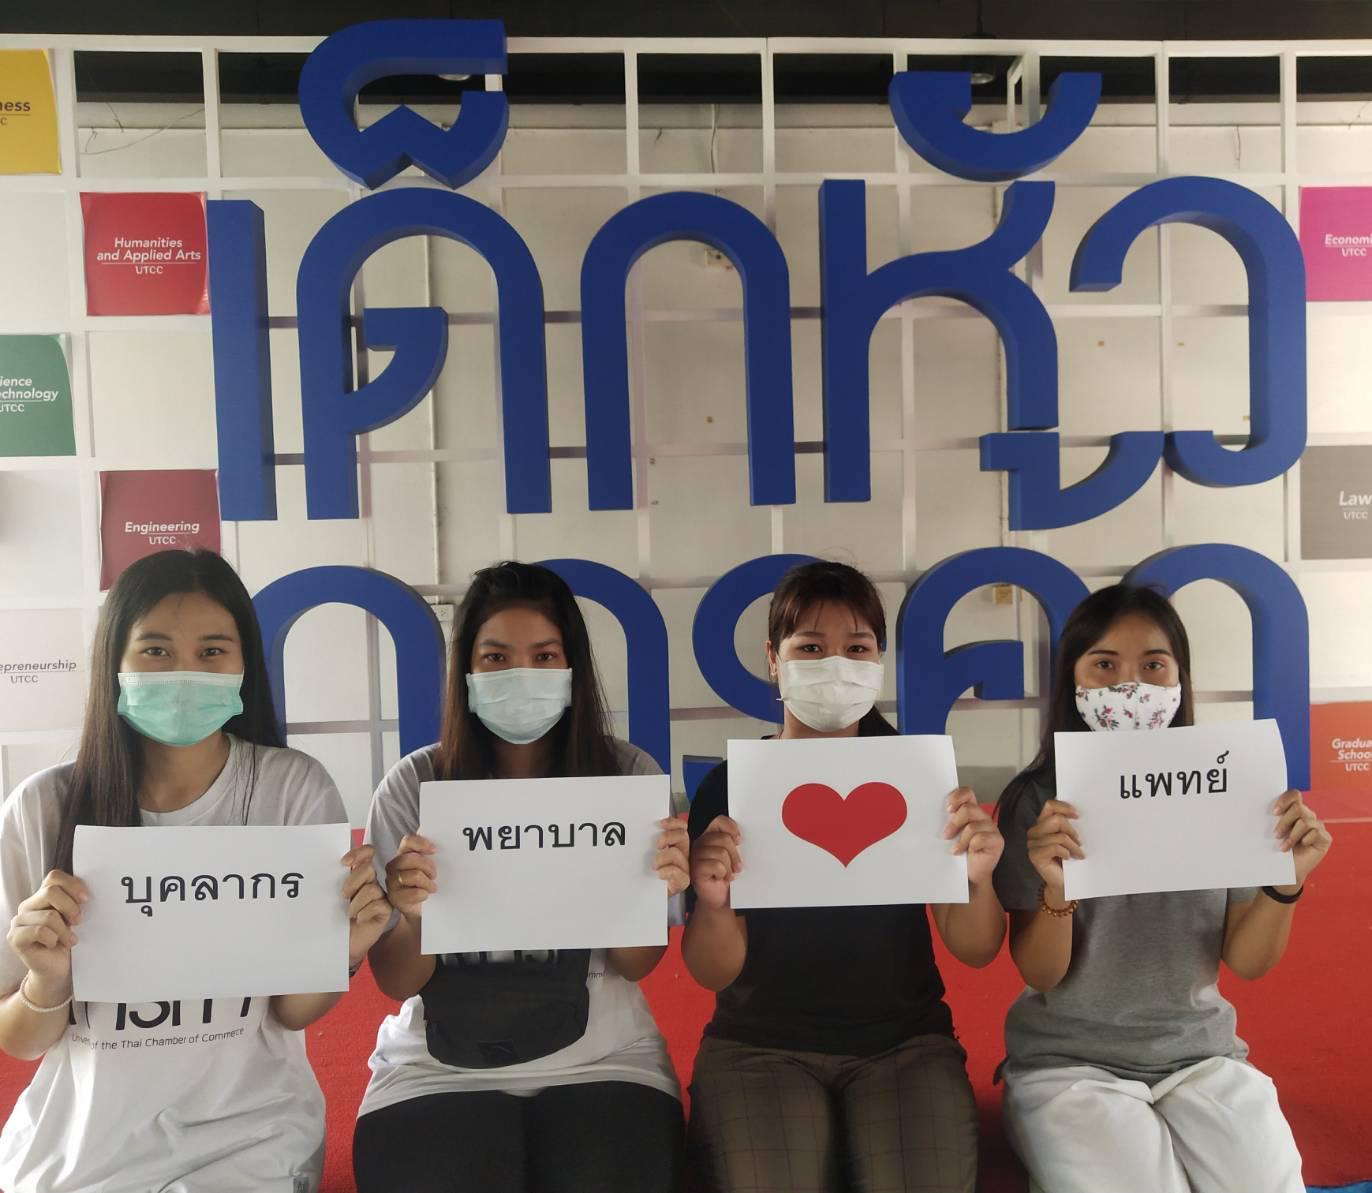 นศ.หอการค้าไทย ร่วมส่งใจให้คณะแพทย์สู้โควิด- 19